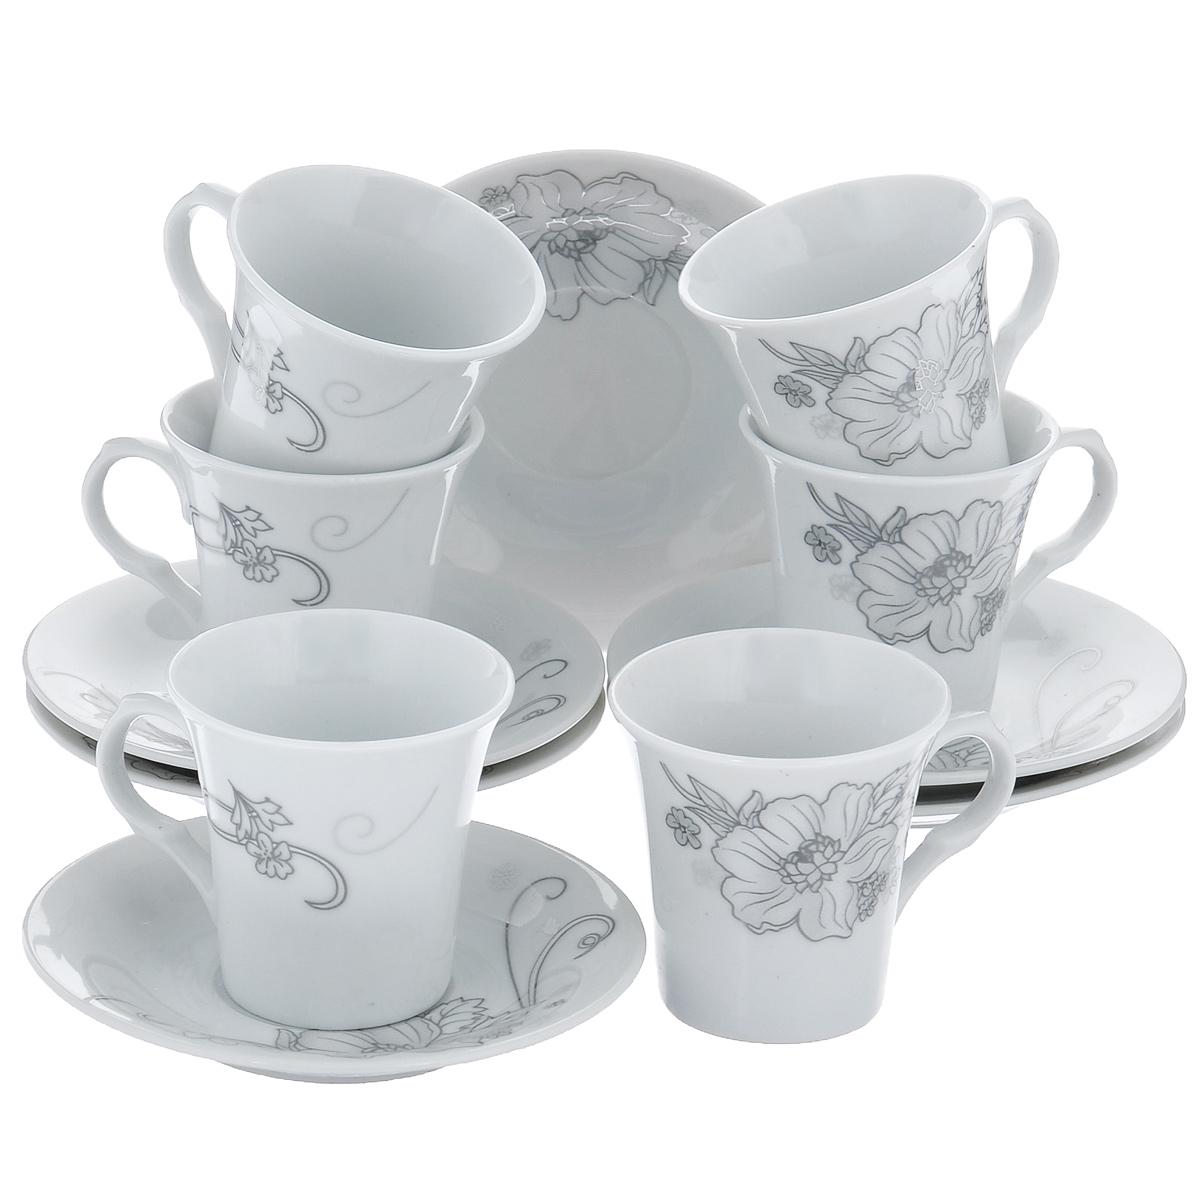 Набор кофейный Bekker, 12 предметов. BK-6814VT-1520(SR)Набор кофейный Bekker состоит из 6 чашек и 6 блюдец. Чашки и блюдца изготовлены из высококачественного фарфора с изображением цветов. Такой дизайн, несомненно, придется по вкусу и ценителям классики, и тем, кто предпочитает утонченность и изящность. Набор кофейный на подставке Bekkerукрасит ваш кухонный стол, а также станет замечательным подарком к любому празднику. Набор упакован в подарочную коробку из плотного цветного картона. Внутренняя часть коробки задрапирована белой атласной тканью, и каждый предмет надежно крепится в определенном положении благодаря особым выемкам в коробке. Можно мыть в посудомоечной машине.